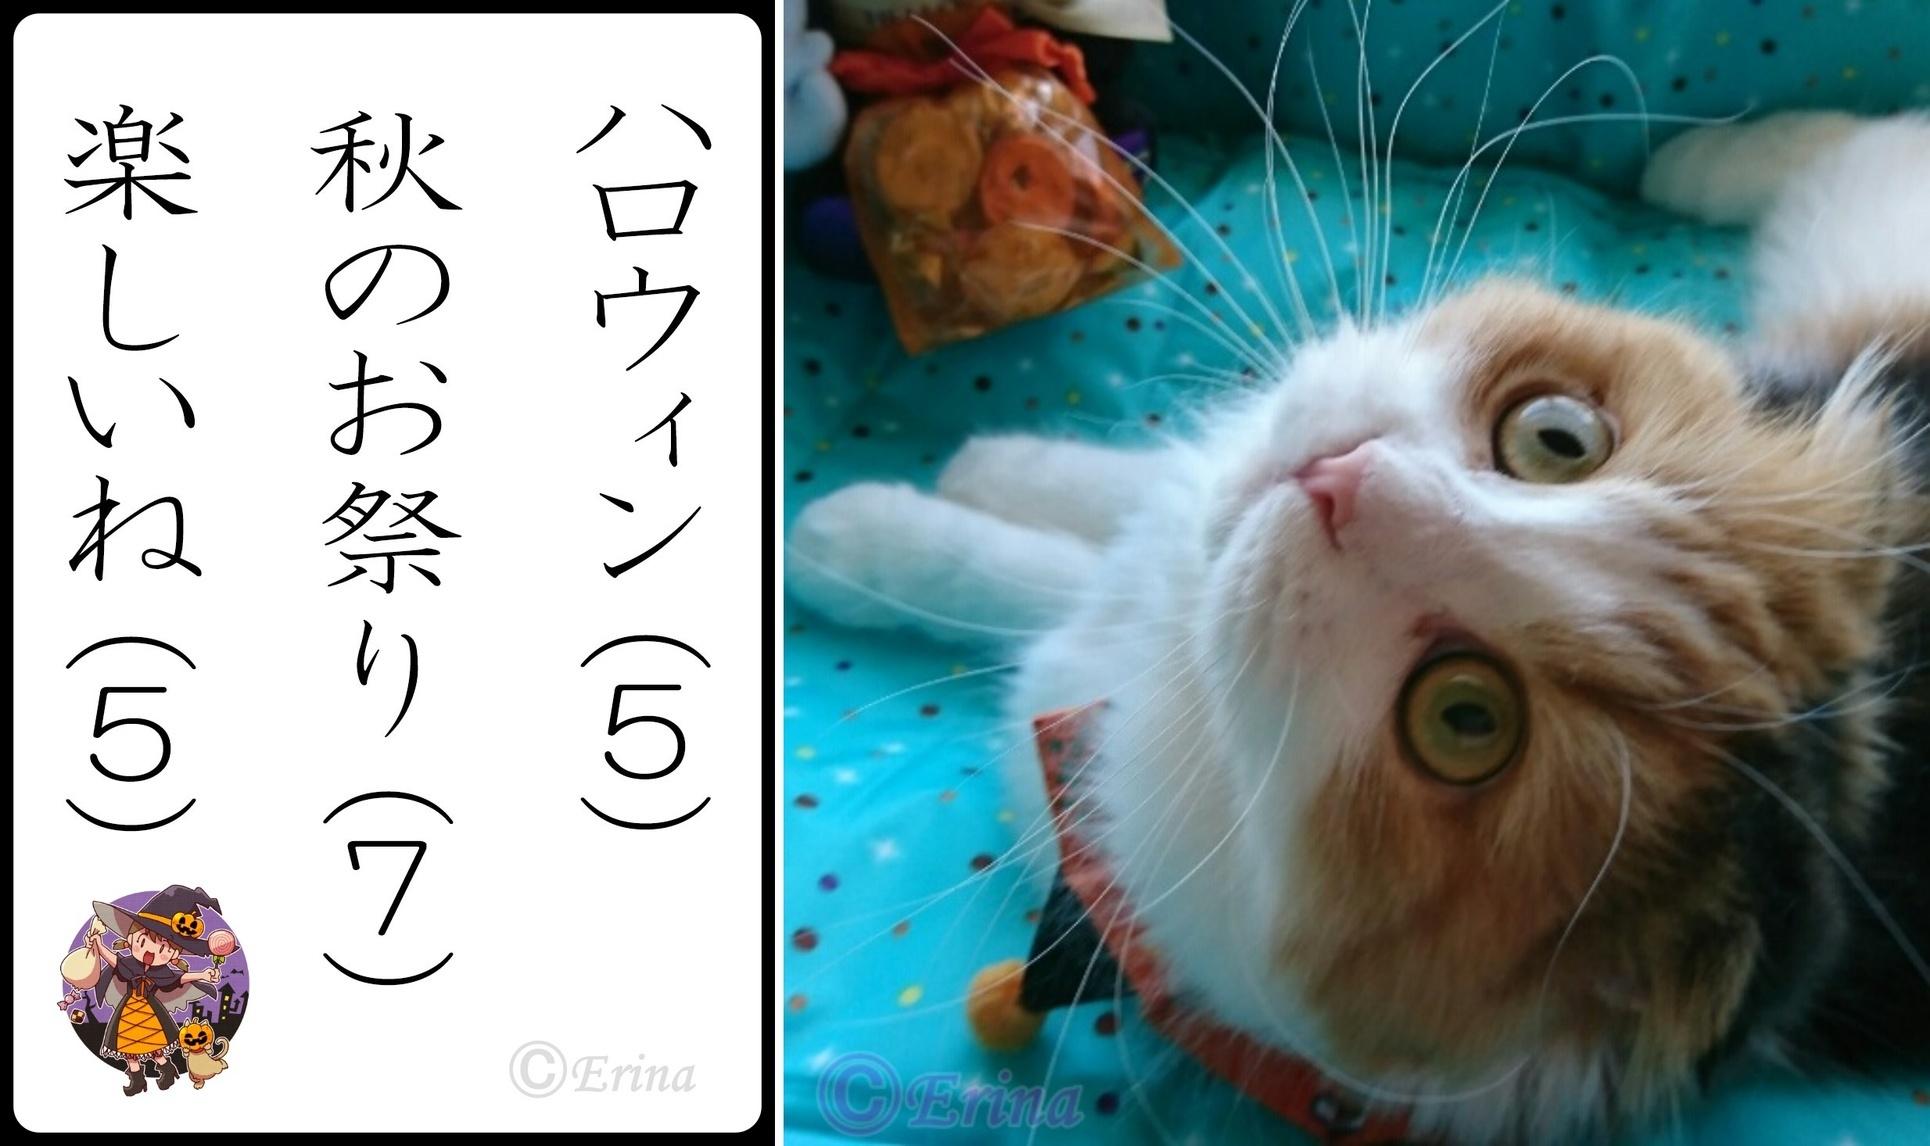 2連結Ⓒ猫川柳ハロウィン秋のお祭り楽しいね.jpg